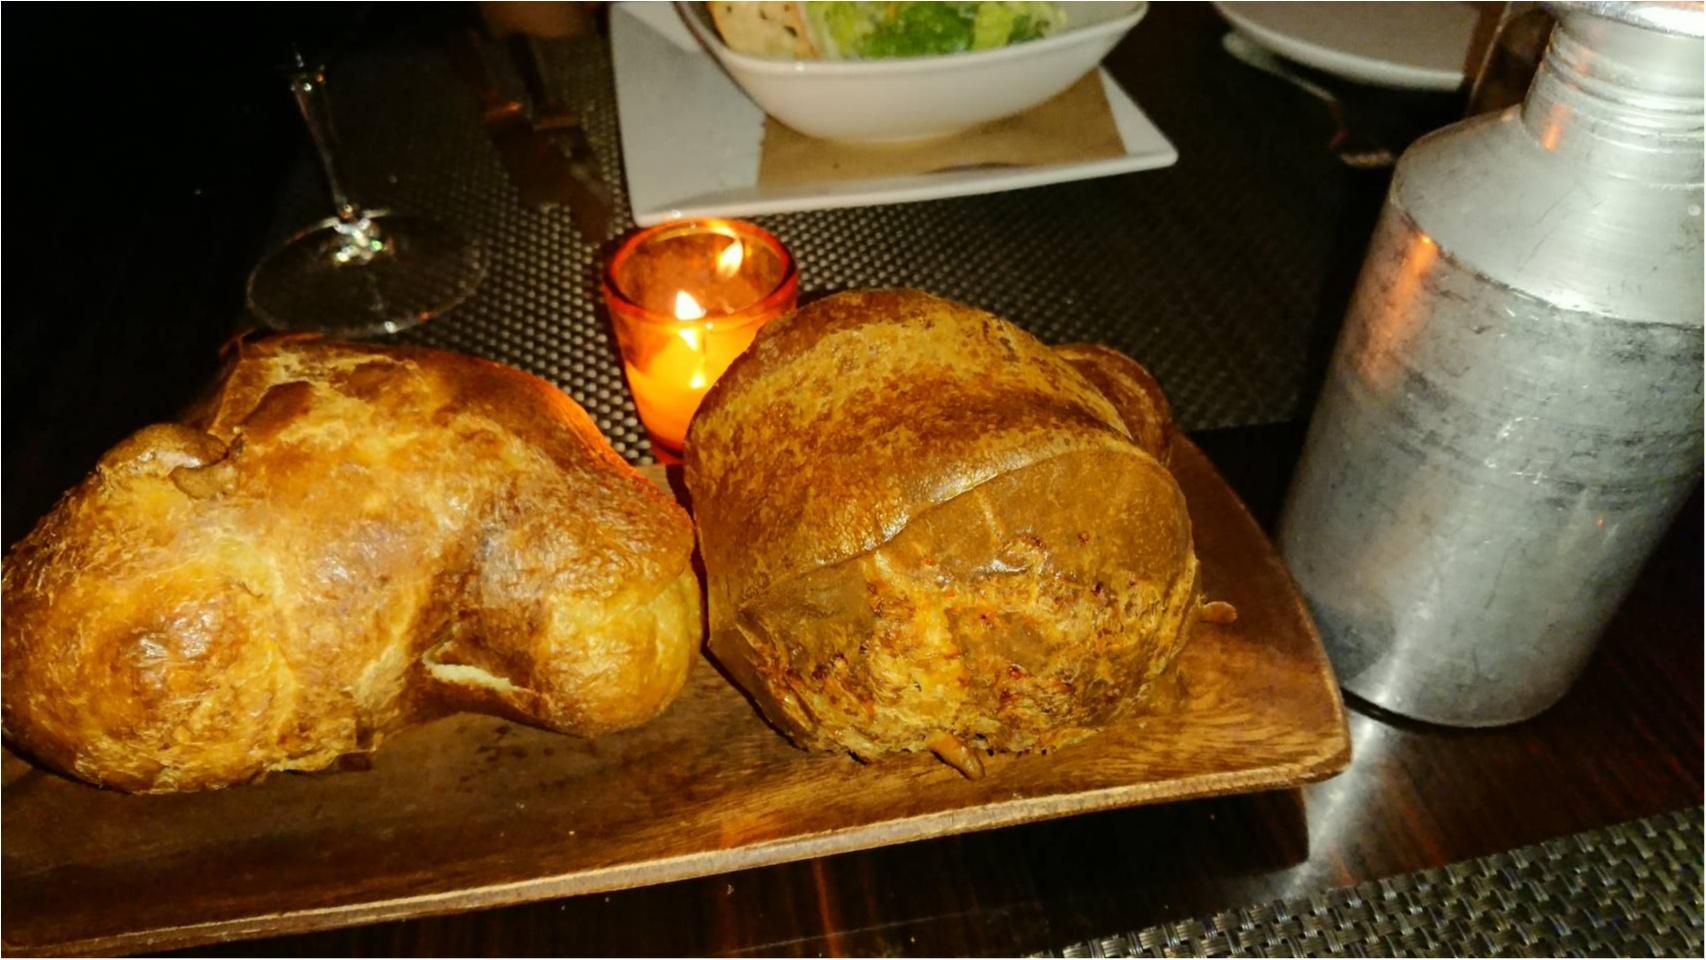 【ハワイ旅③】ハワイへ行ったら美味しいグルメは欠かせない!ステーキからガーリックシュリンプまで沢山食べちゃいました!!_3